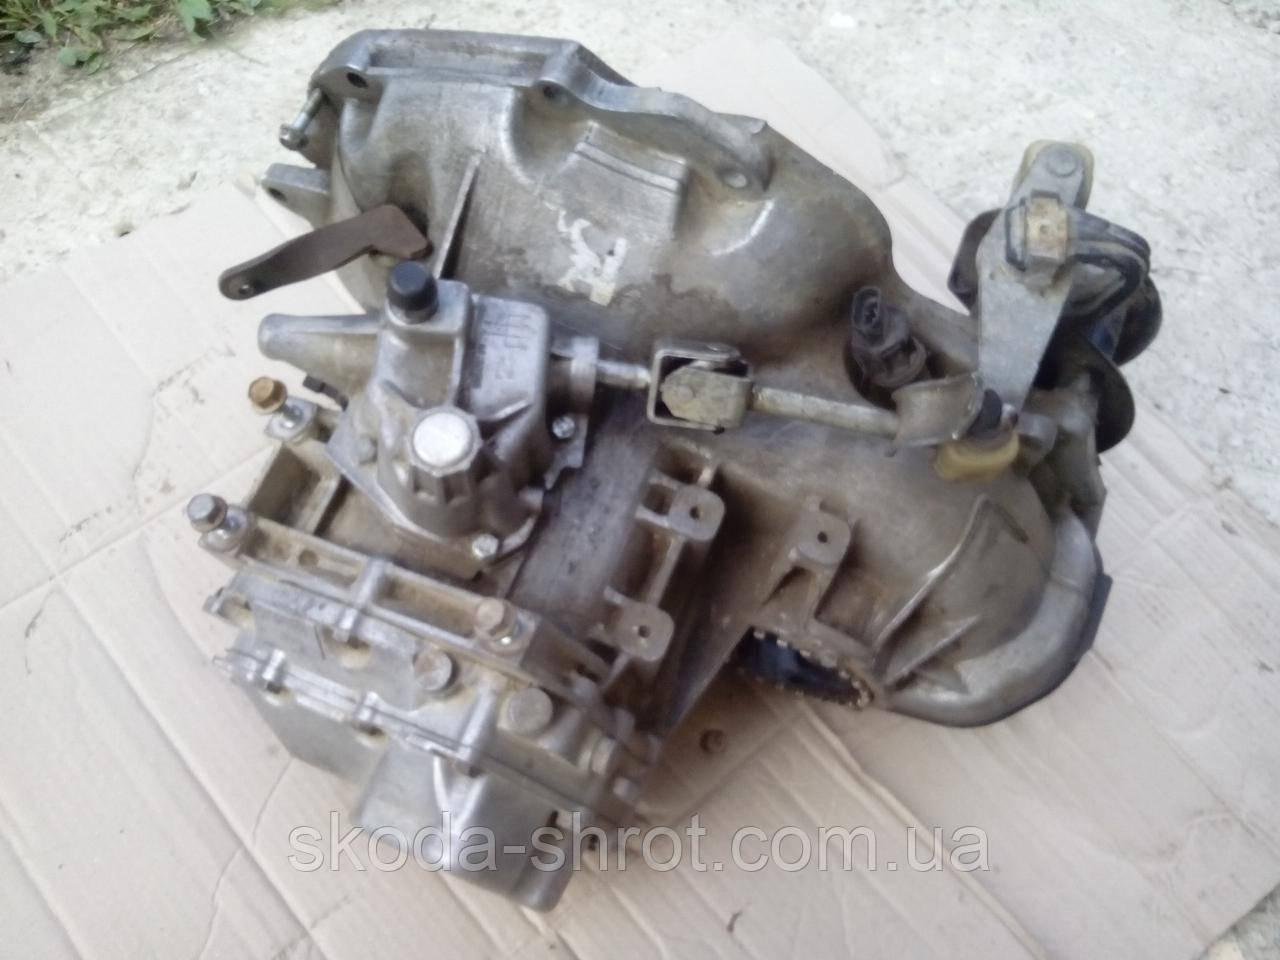 Коробка передач Авео Т250 1.4   16-ти клапанный  96 344 248